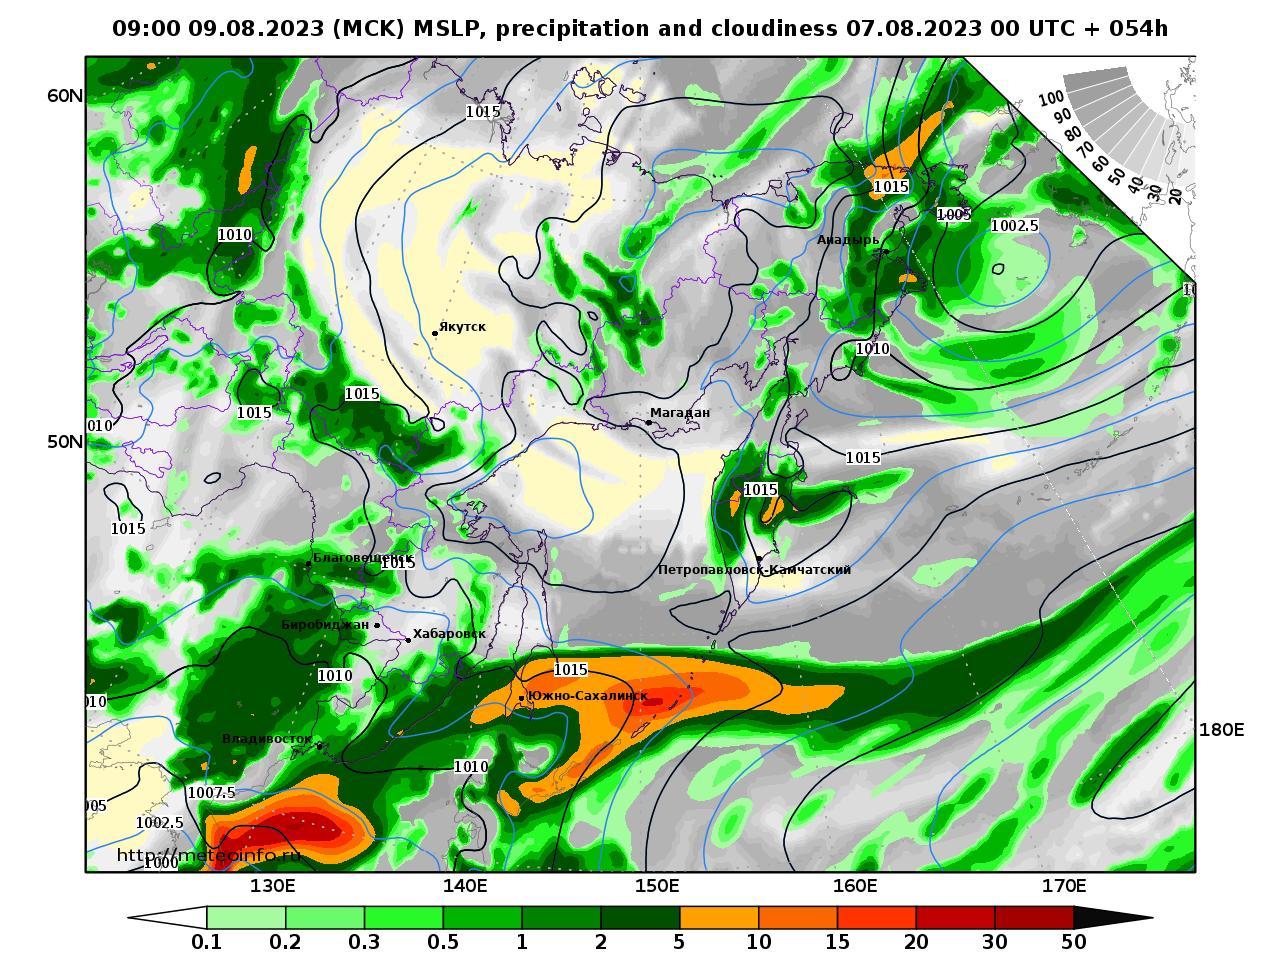 Дальний Восток, прогностическая карта осадки и давление, заблаговременность прогноза 54 часа